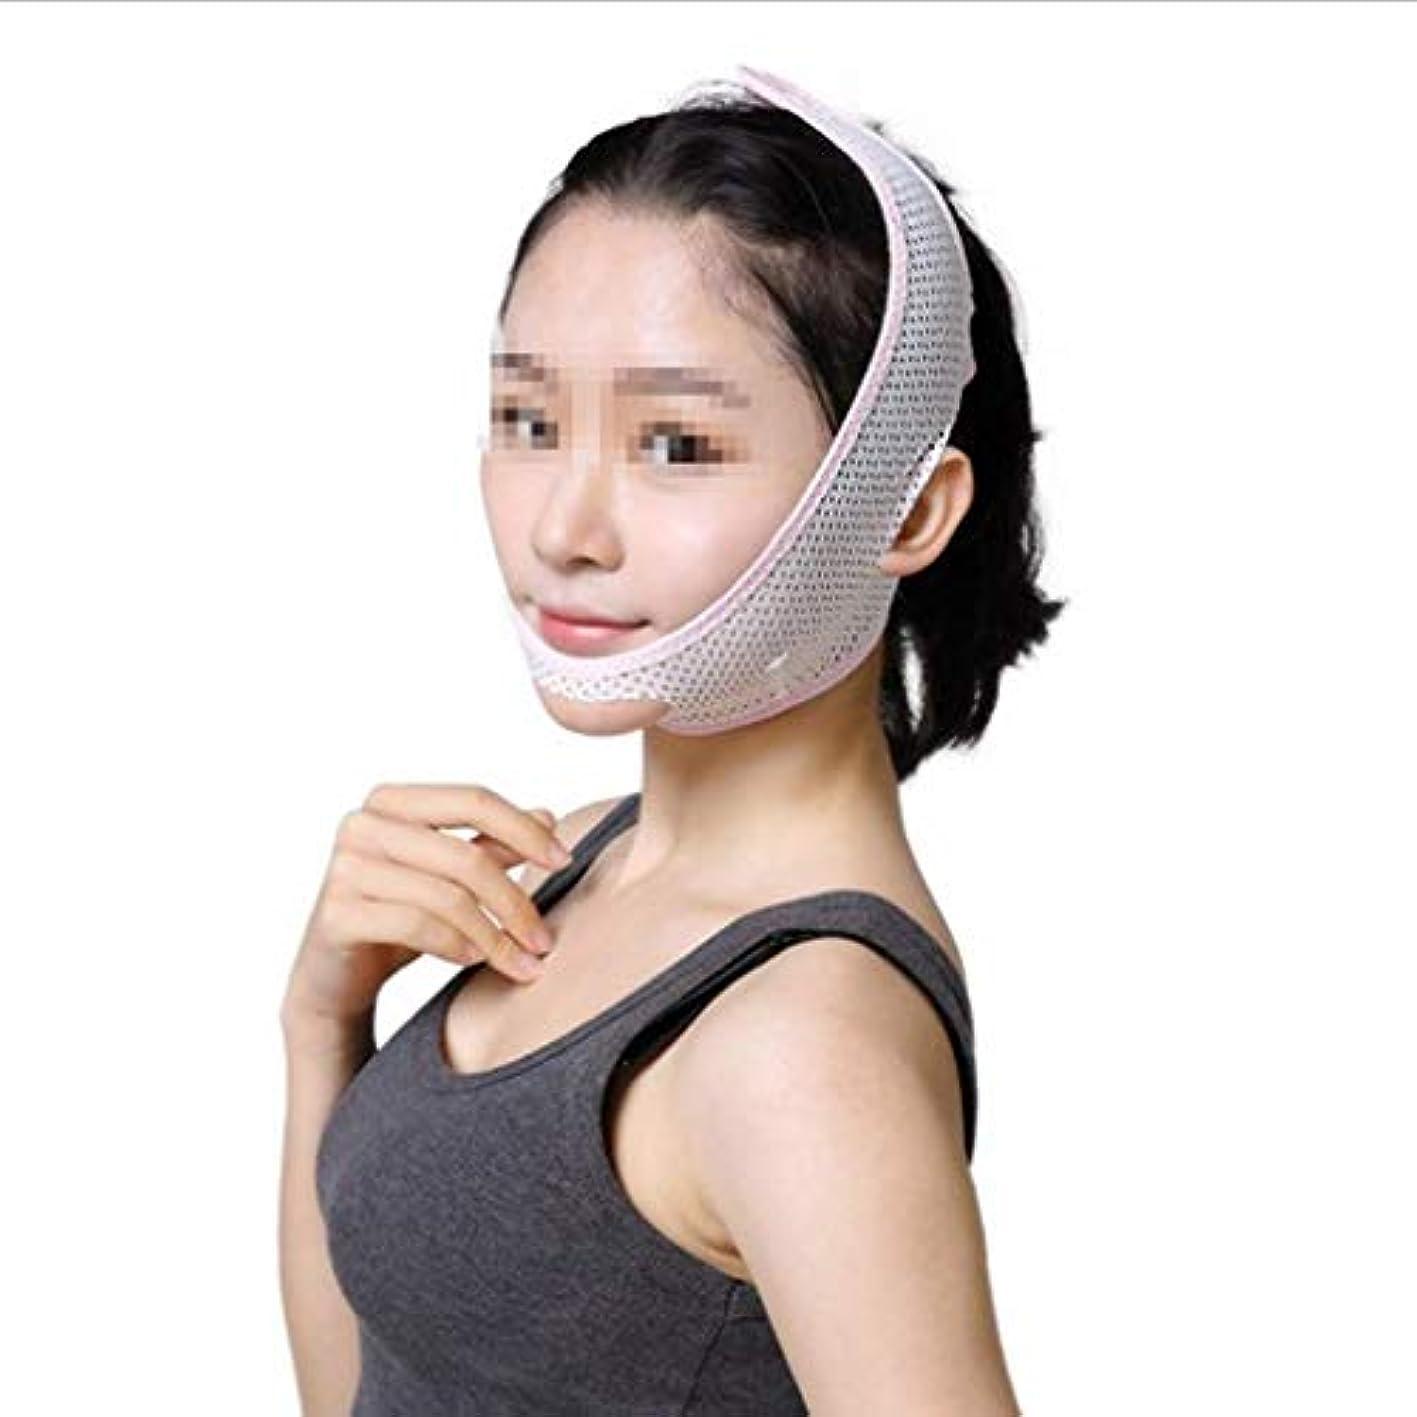 セグメントイチゴドラッグSlim身Vフェイスマスク、超薄型通気性フェイスマスク、包帯Vフェイスマスクフェイスリフティングファーミングダブルチンシンフェイスベルト(サイズ:M)